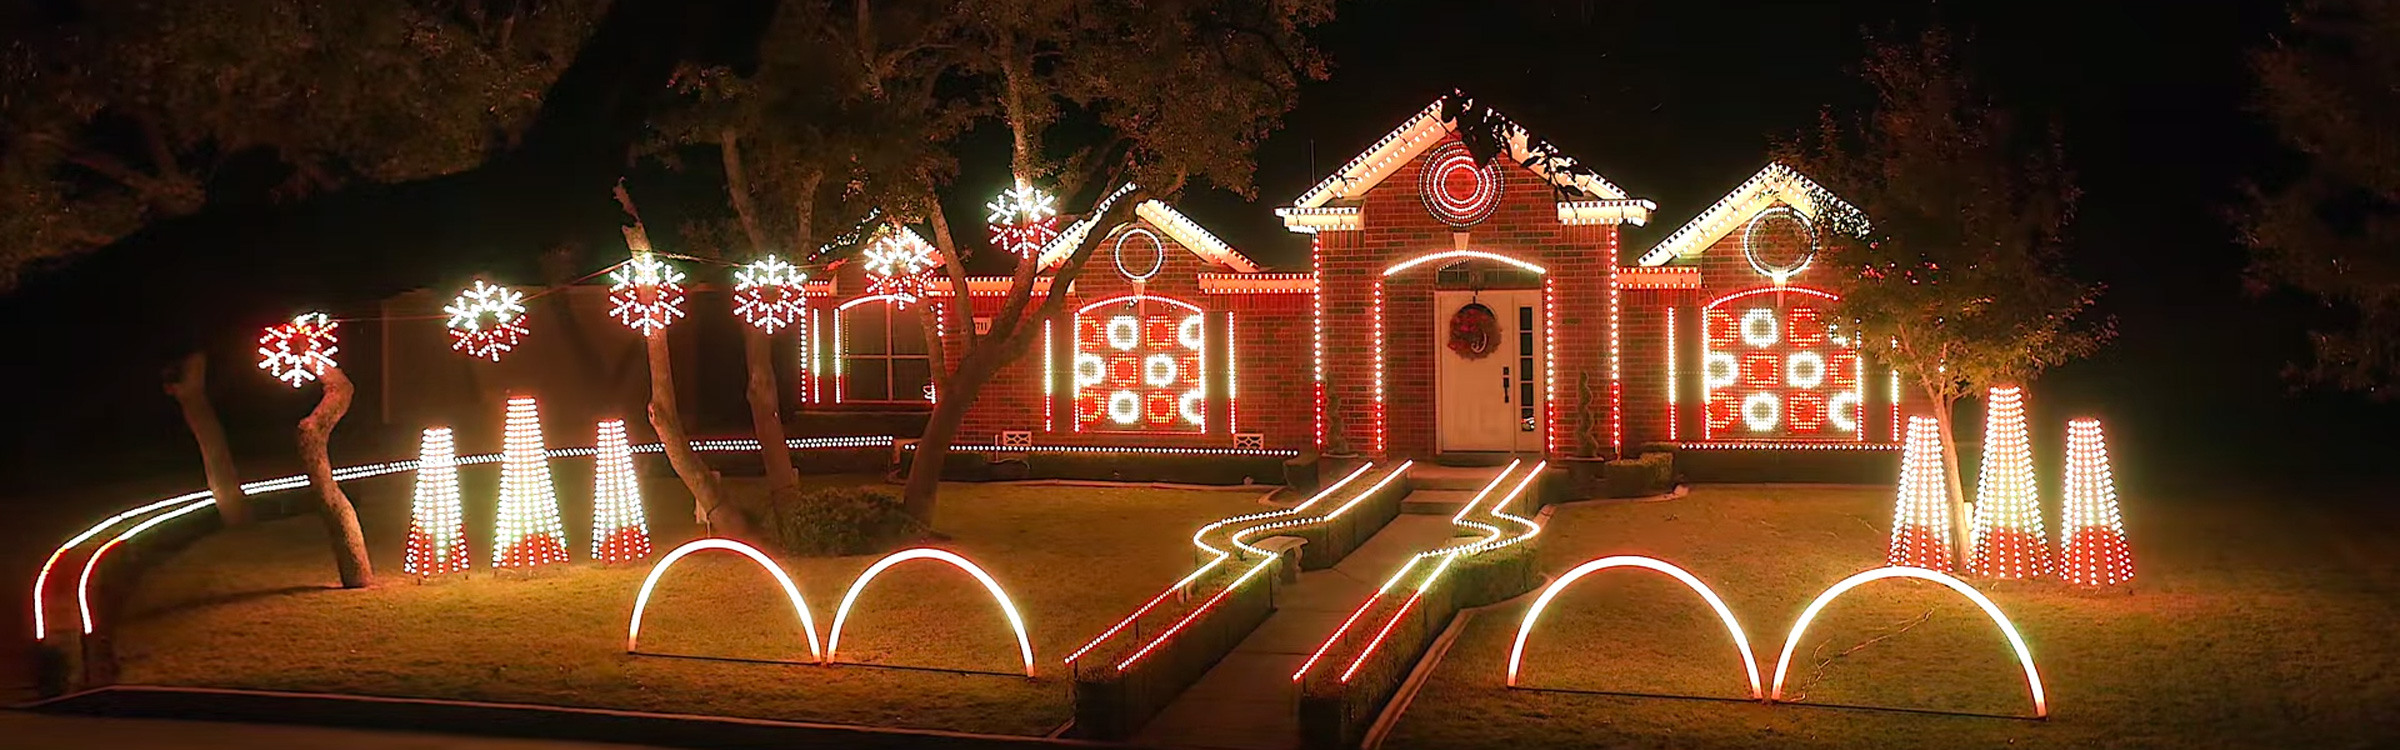 Kersthuis2